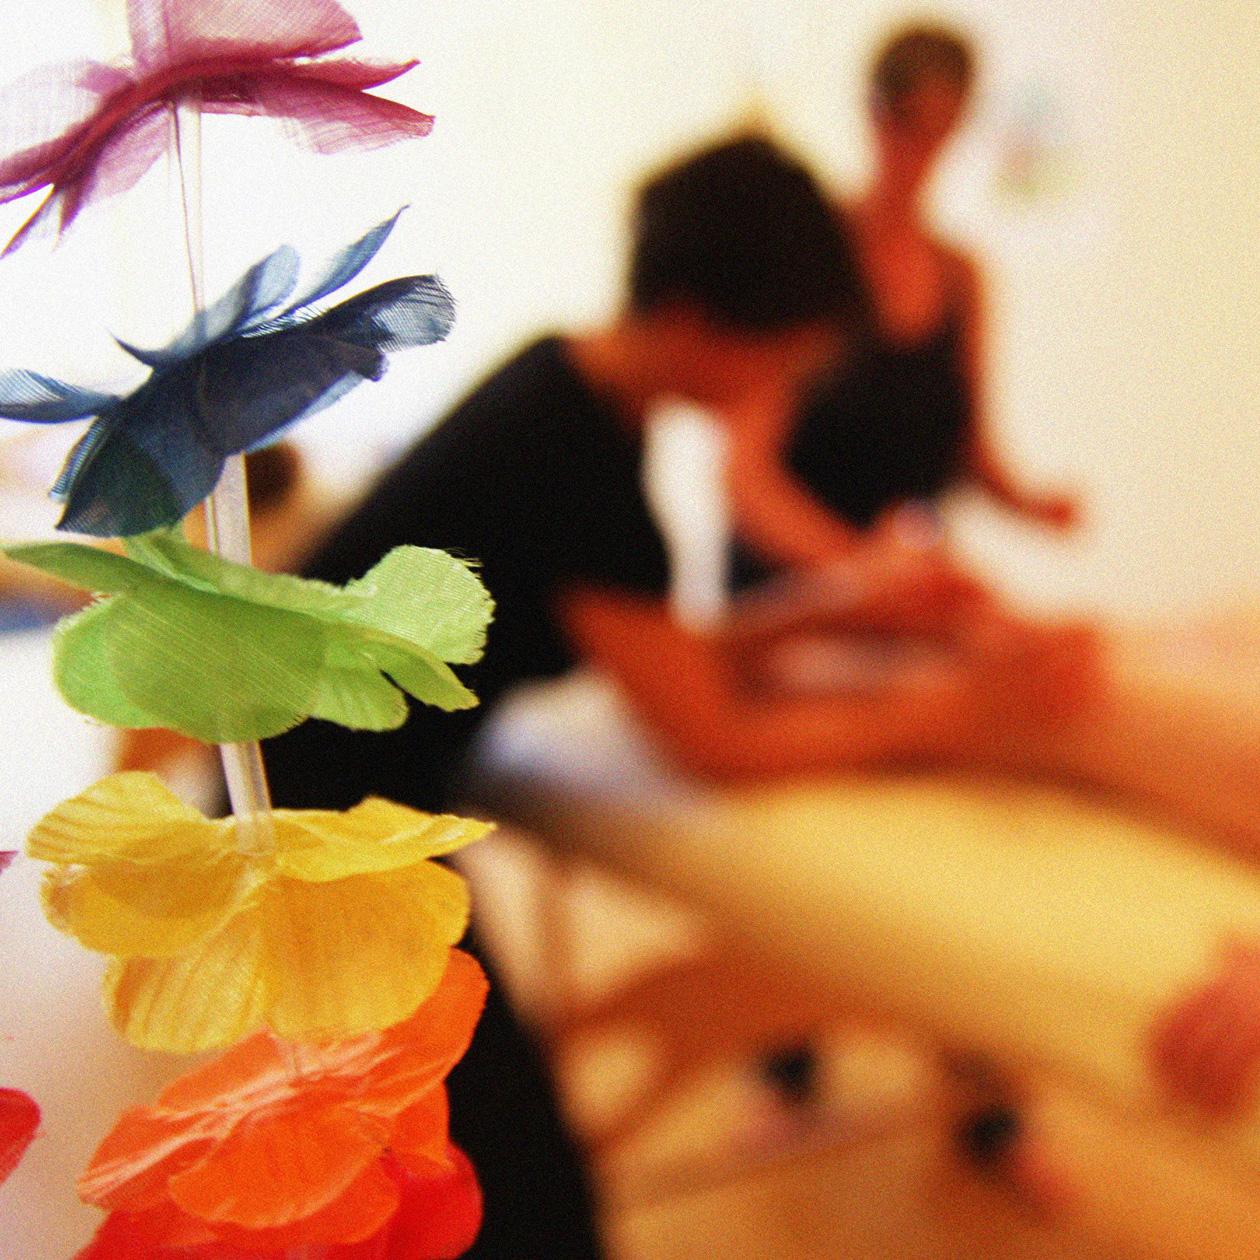 gratis sex in rotterdam erotische massage meppel